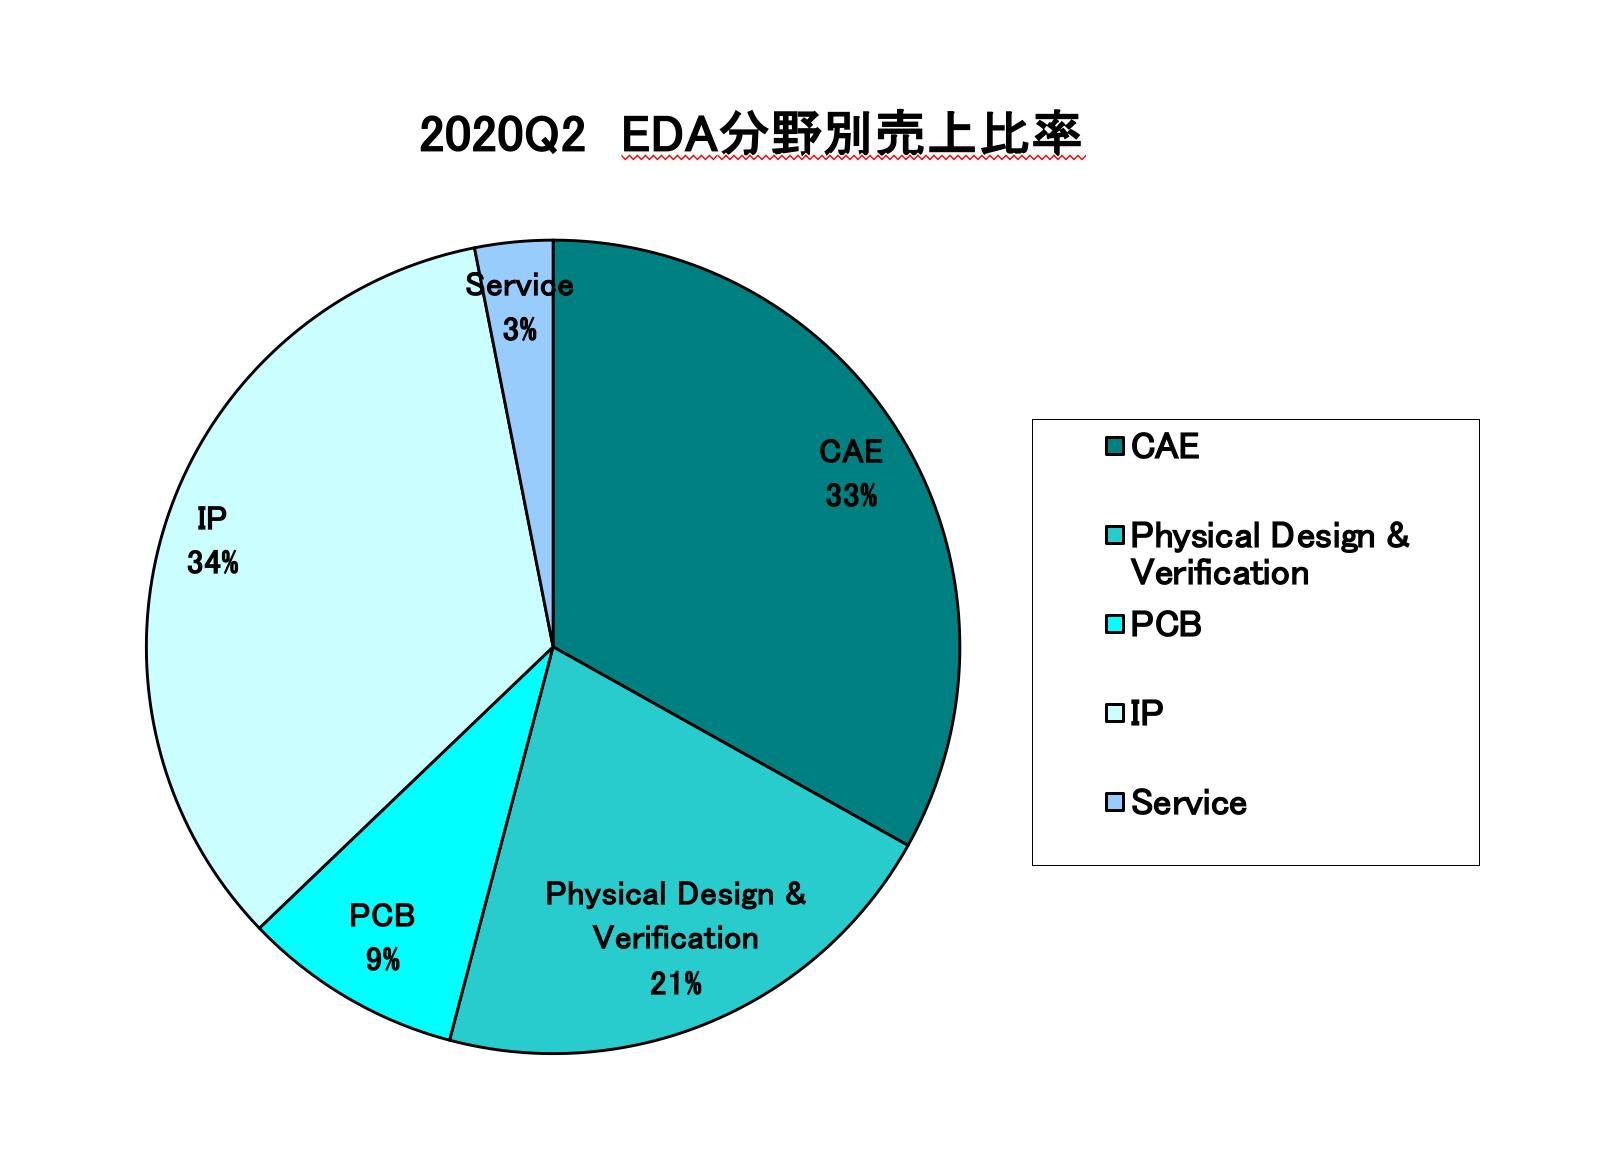 https://www.eda-express.com/%E3%82%B9%E3%82%AF%E3%83%AA%E3%83%BC%E3%83%B3%E3%82%B7%E3%83%A7%E3%83%83%E3%83%88%202020-10-06%2014.13.50.png